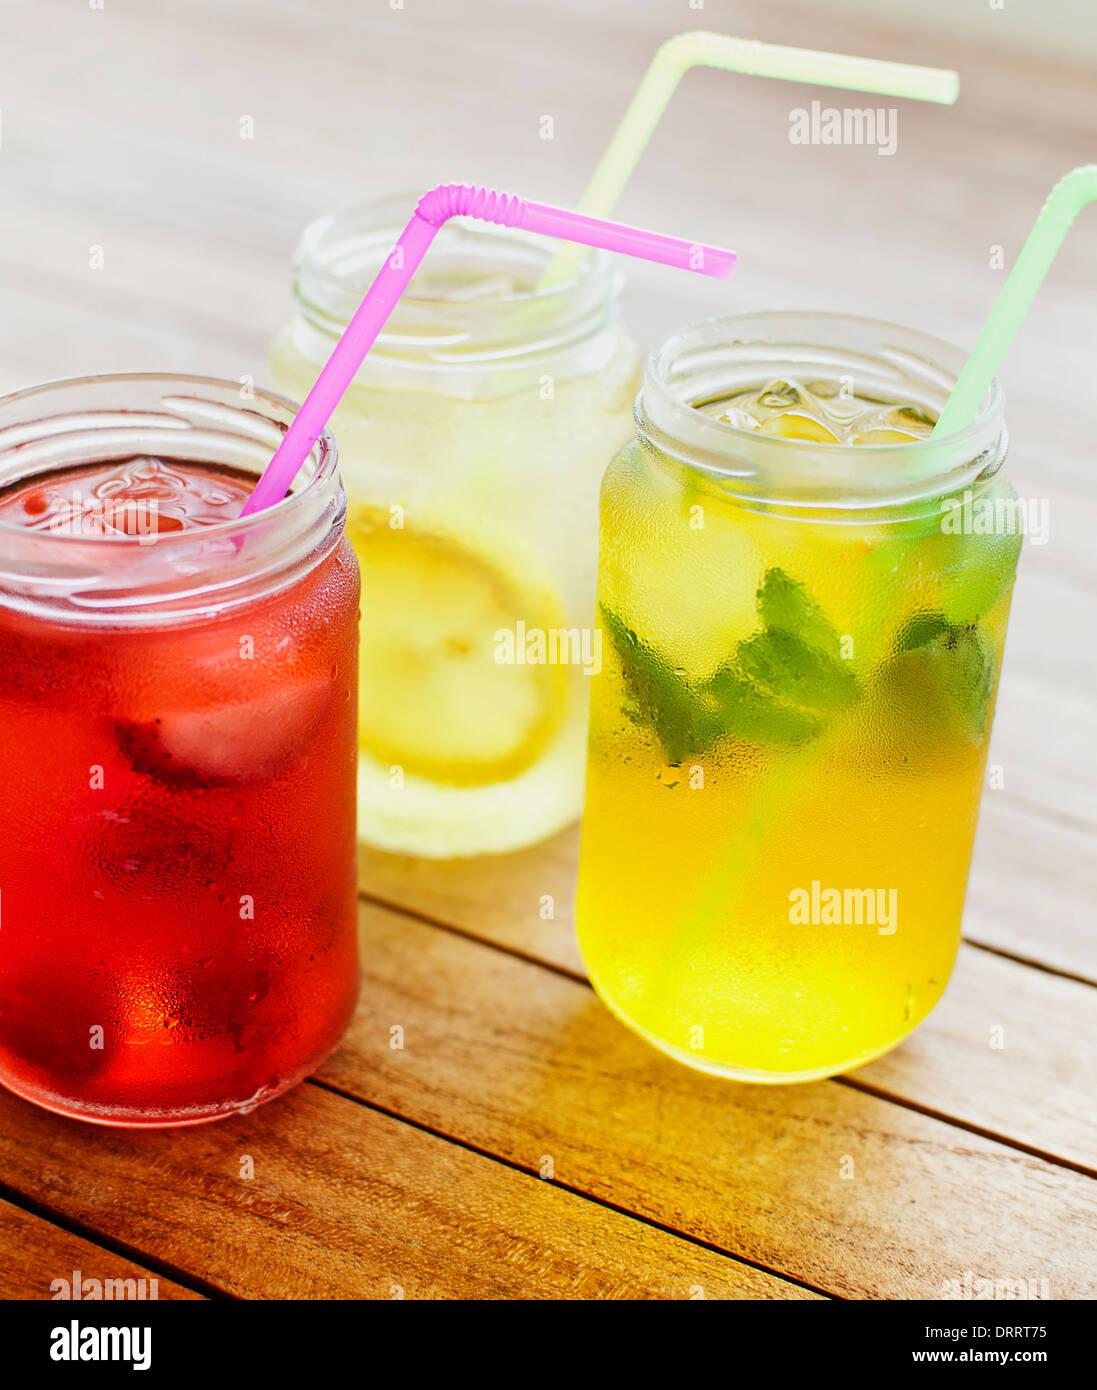 Bevande di frutta Immagini Stock